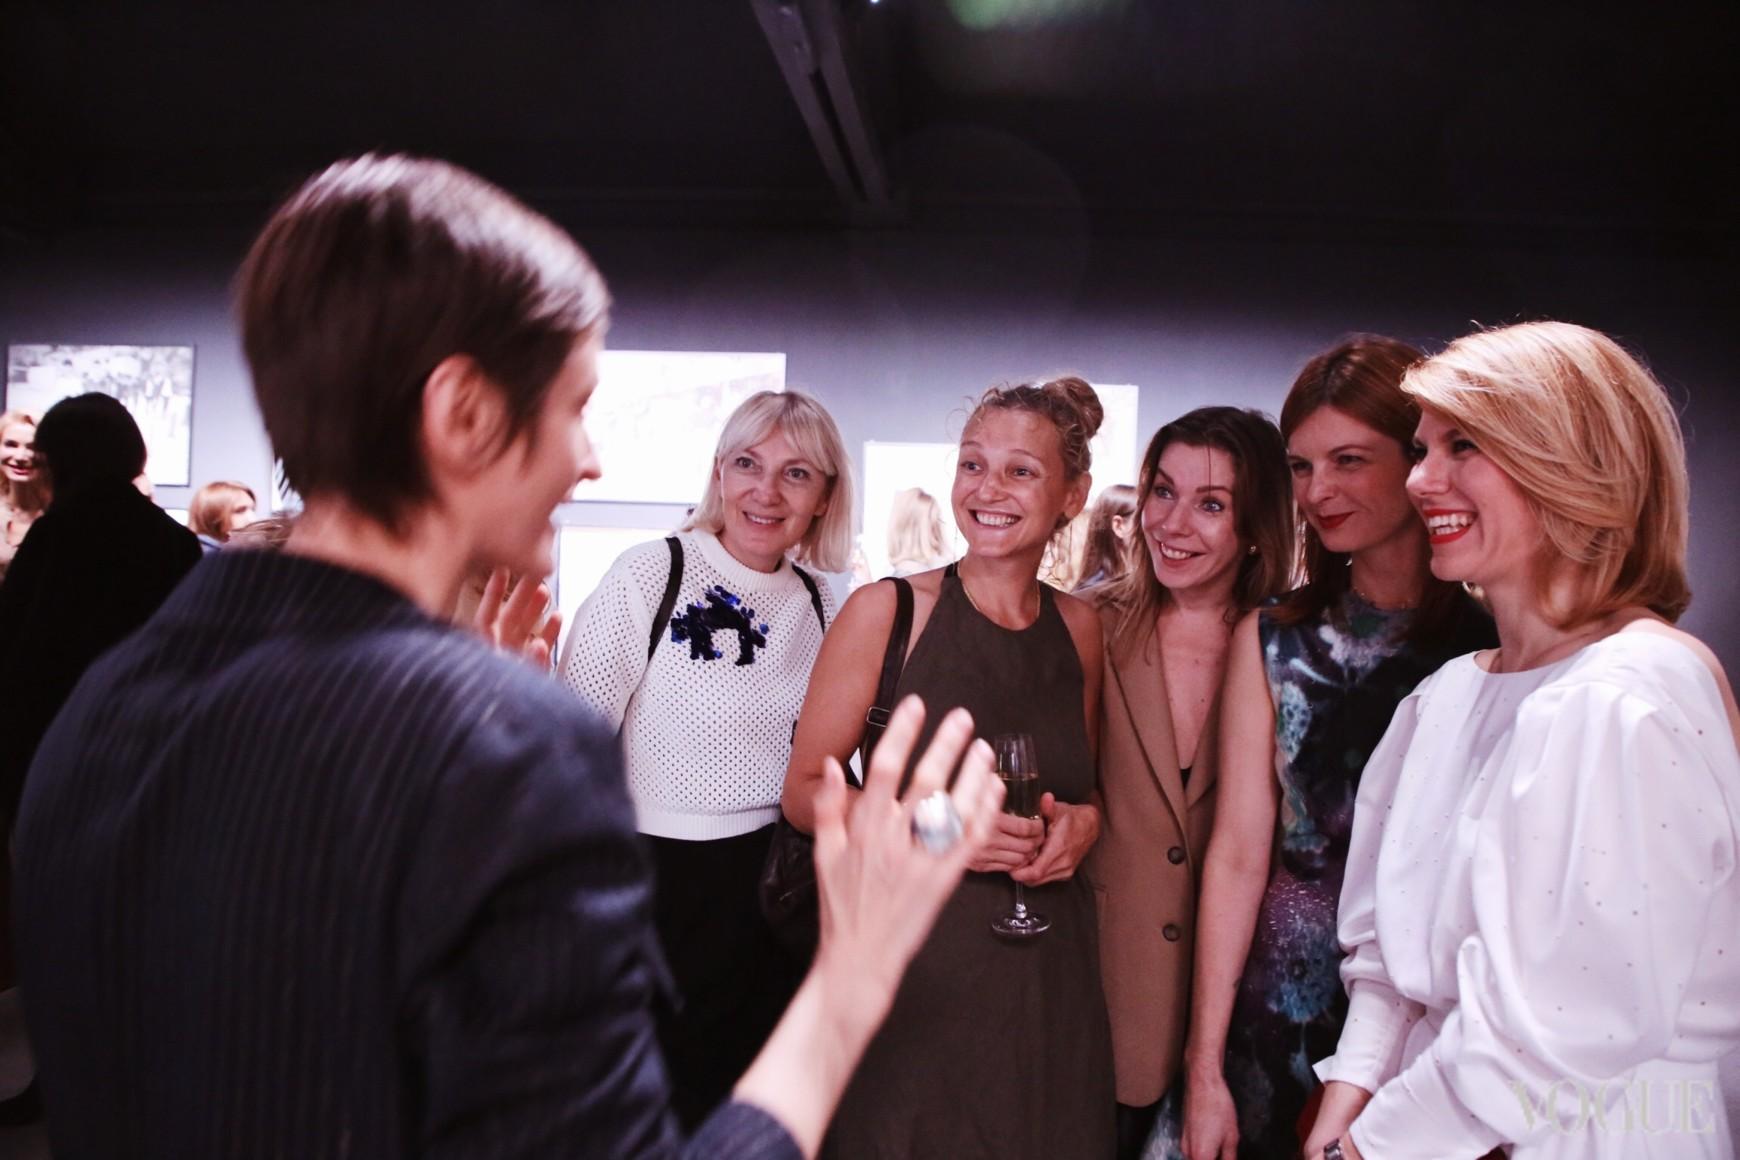 Татьяна Соловей, Татьяна Абрамова, Ольга Топольницкая, Екатерина Кулик и Наталья Листопад